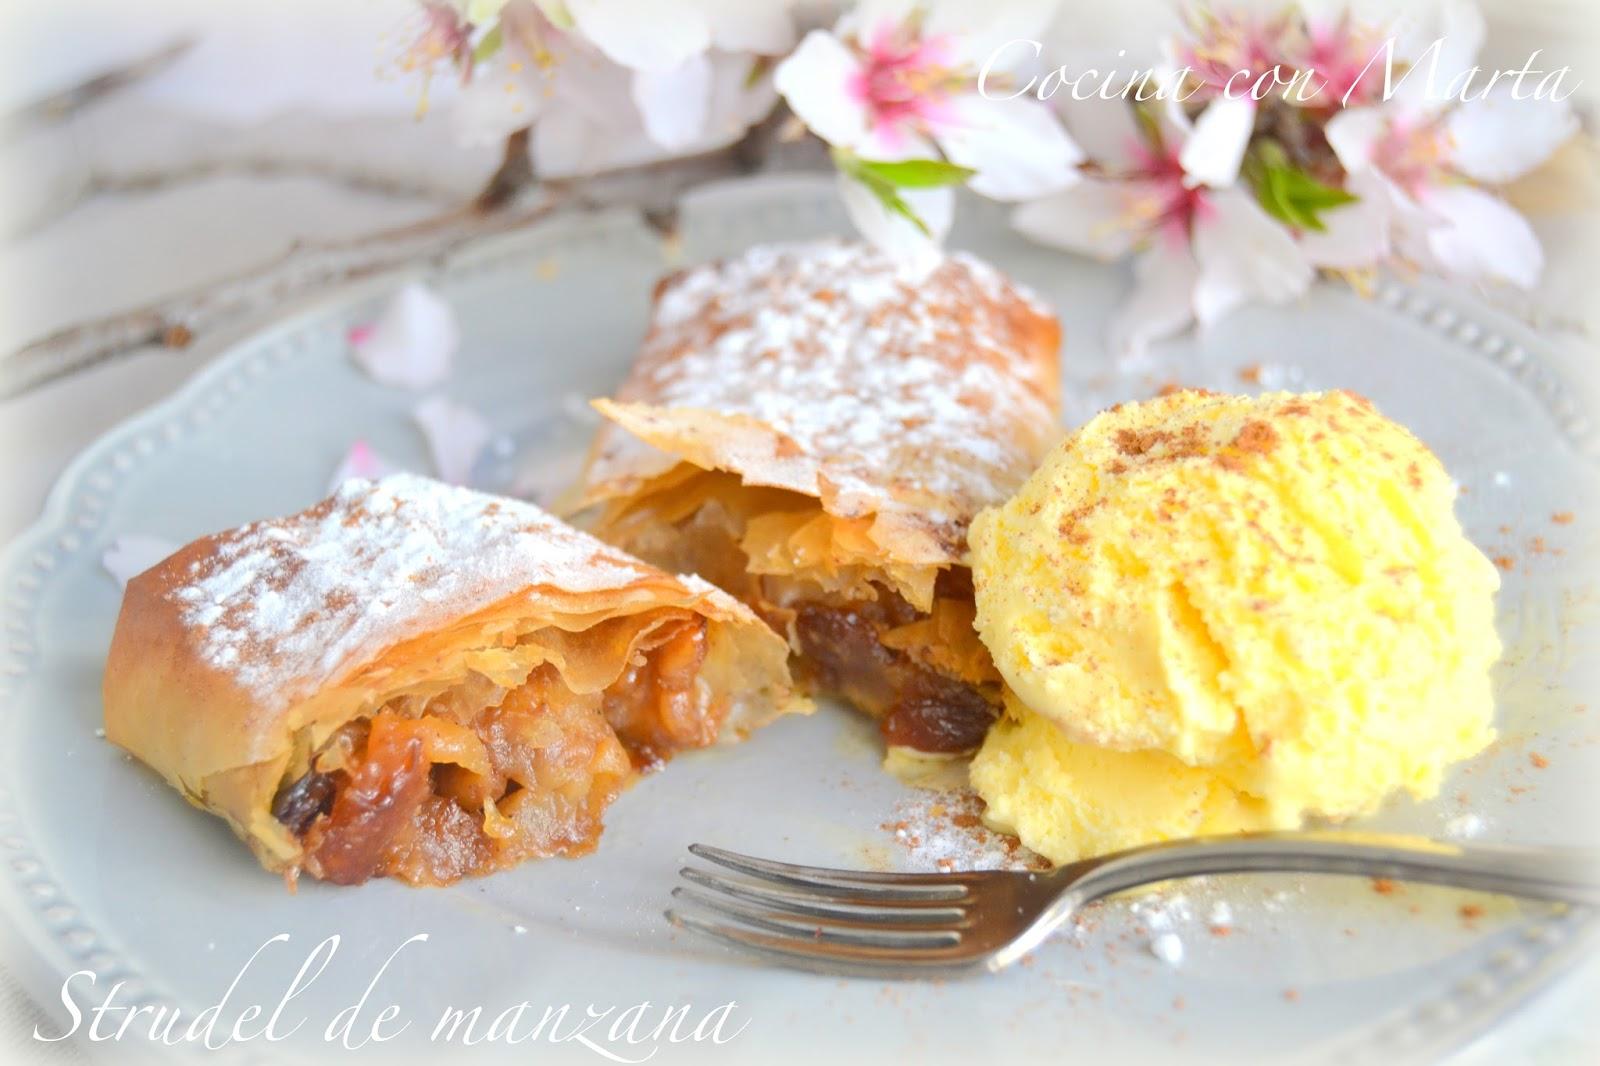 Strudel de manzana o Apferstrudel con helado de vainilla. Ràpido, fácil y ligero.